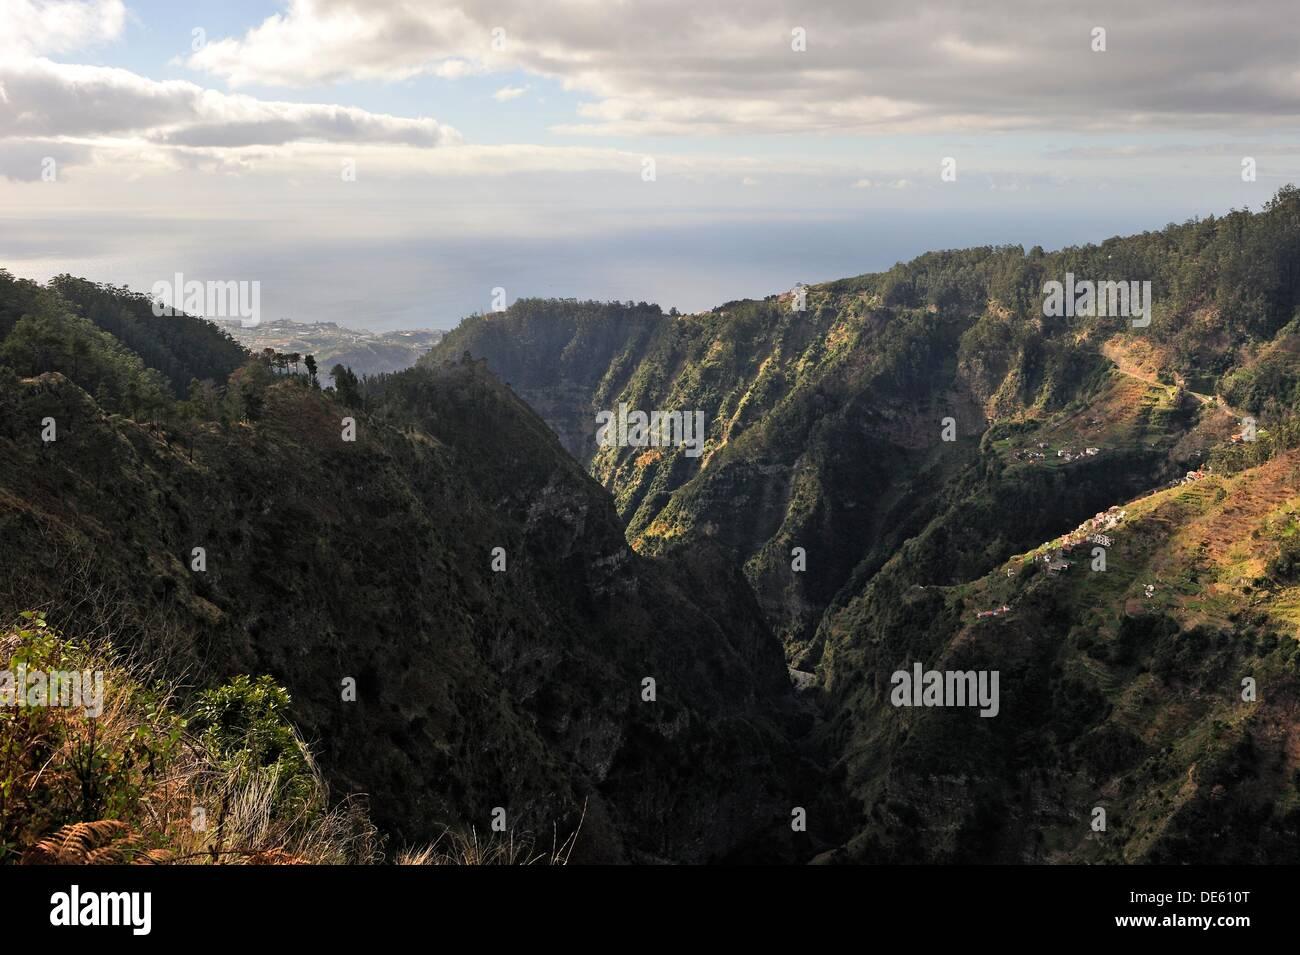 Eira do Serrado site above the village Curral das Freiras Nuns valley, Madeira island, Atlantic Ocean, Portugal - Stock Image